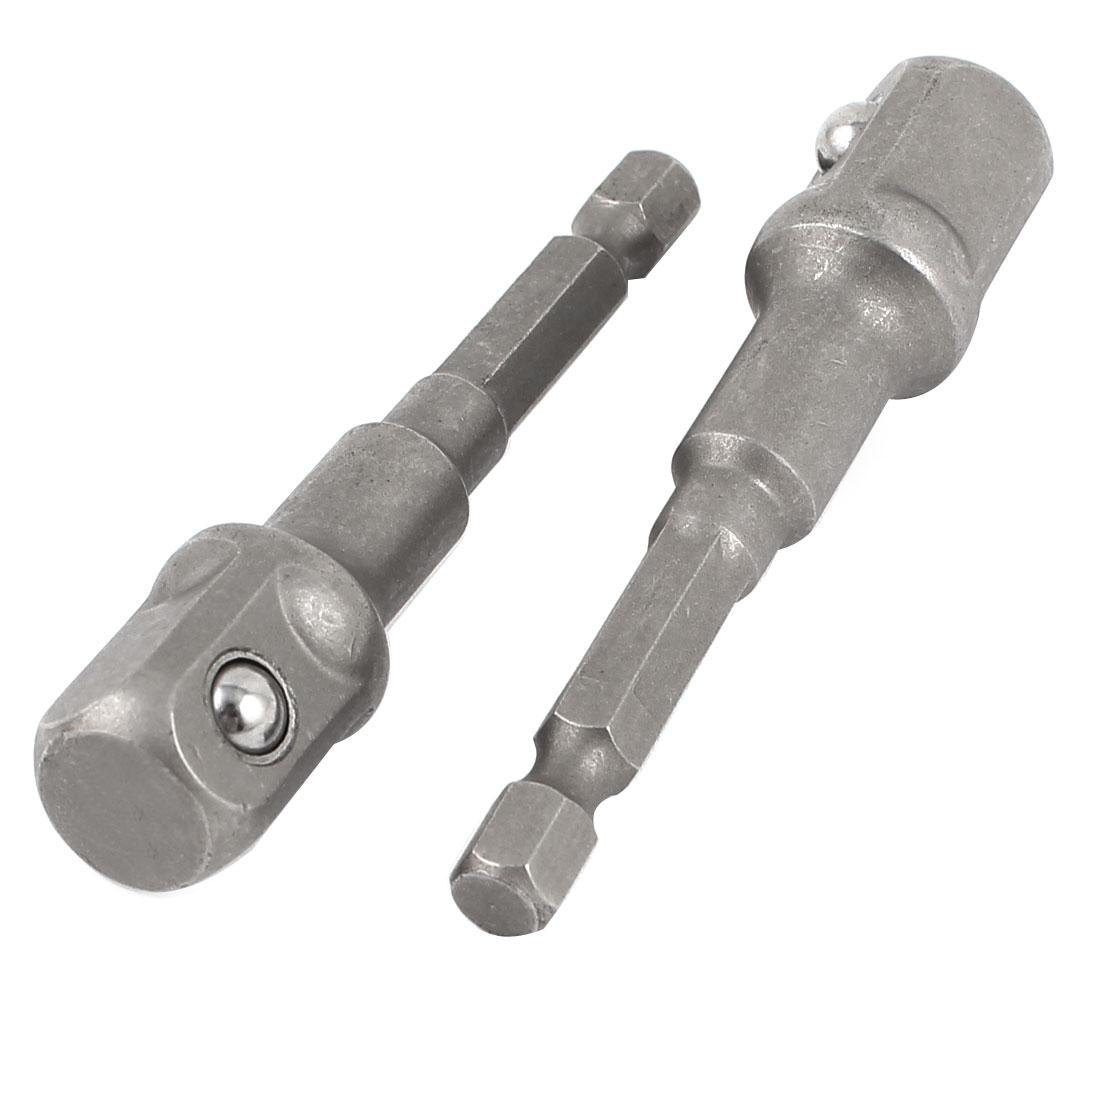 """2pcs Impact Driver/Drill 1/4"""" Shank to 1/2"""" Socket Adapter Set"""